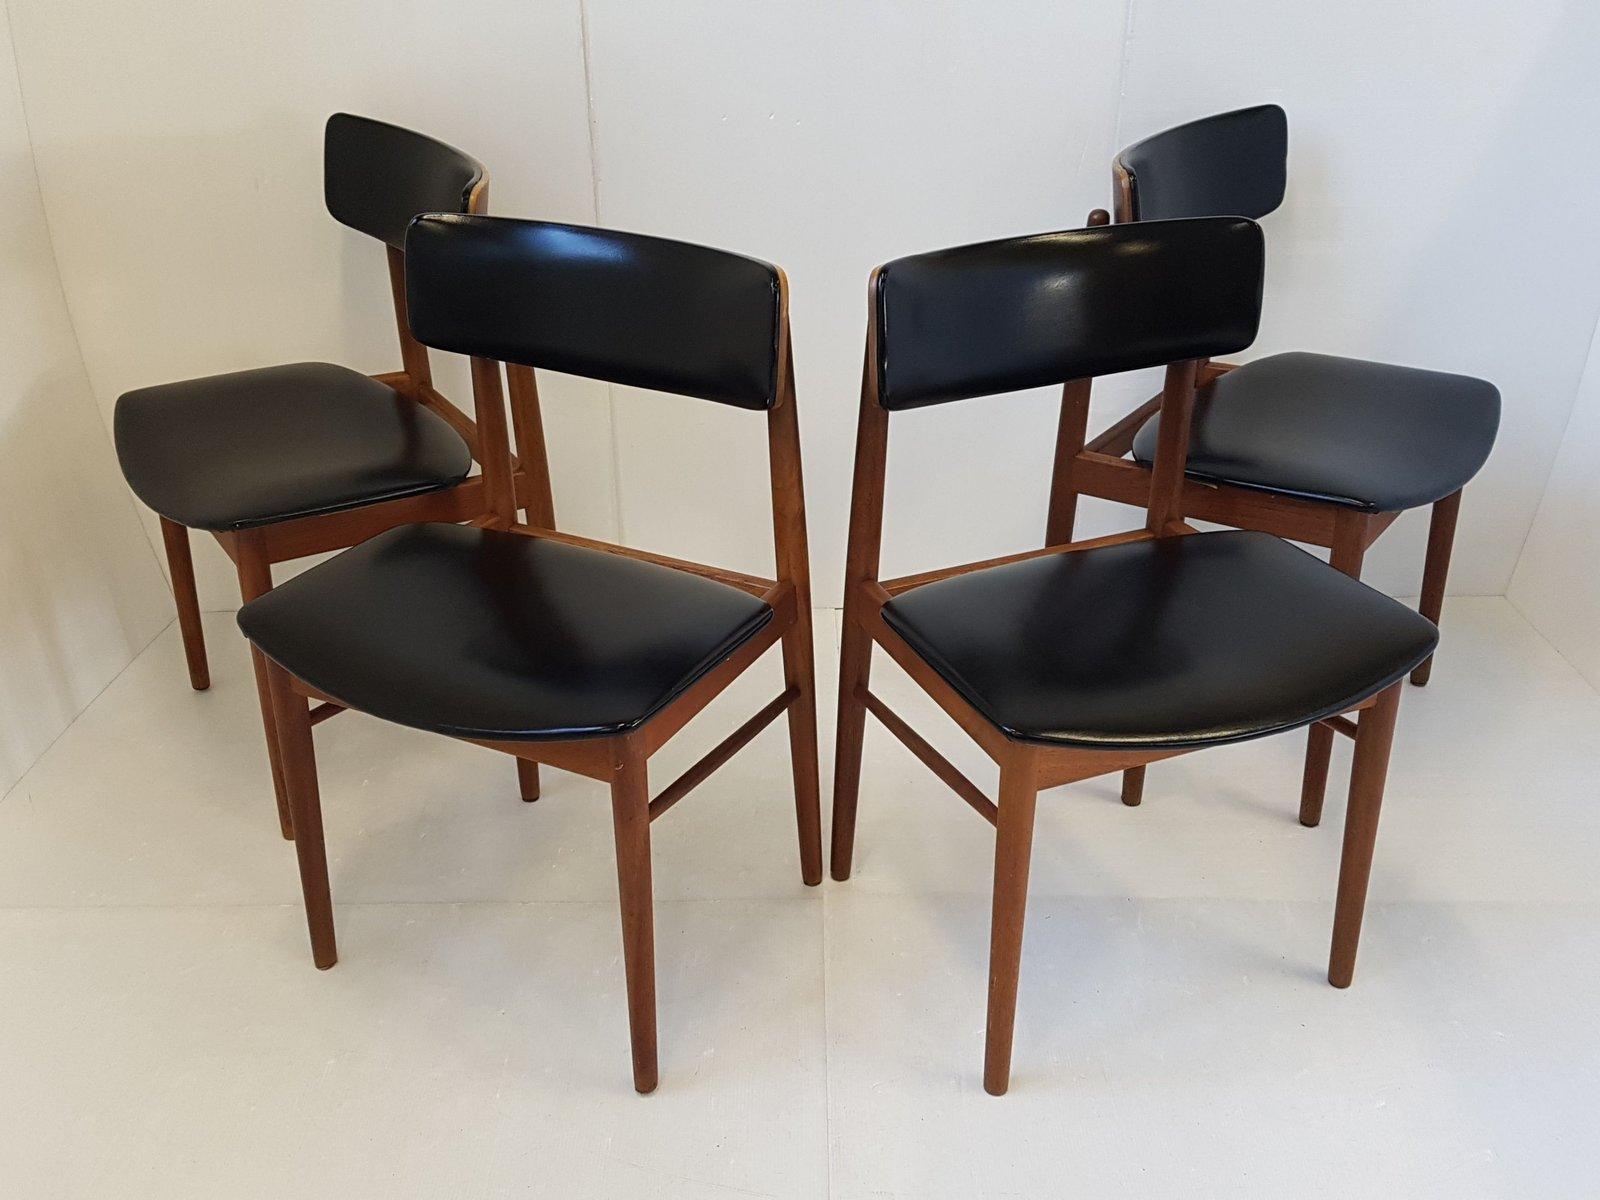 esszimmerst hle mit gestell aus teak sitz aus leder von. Black Bedroom Furniture Sets. Home Design Ideas